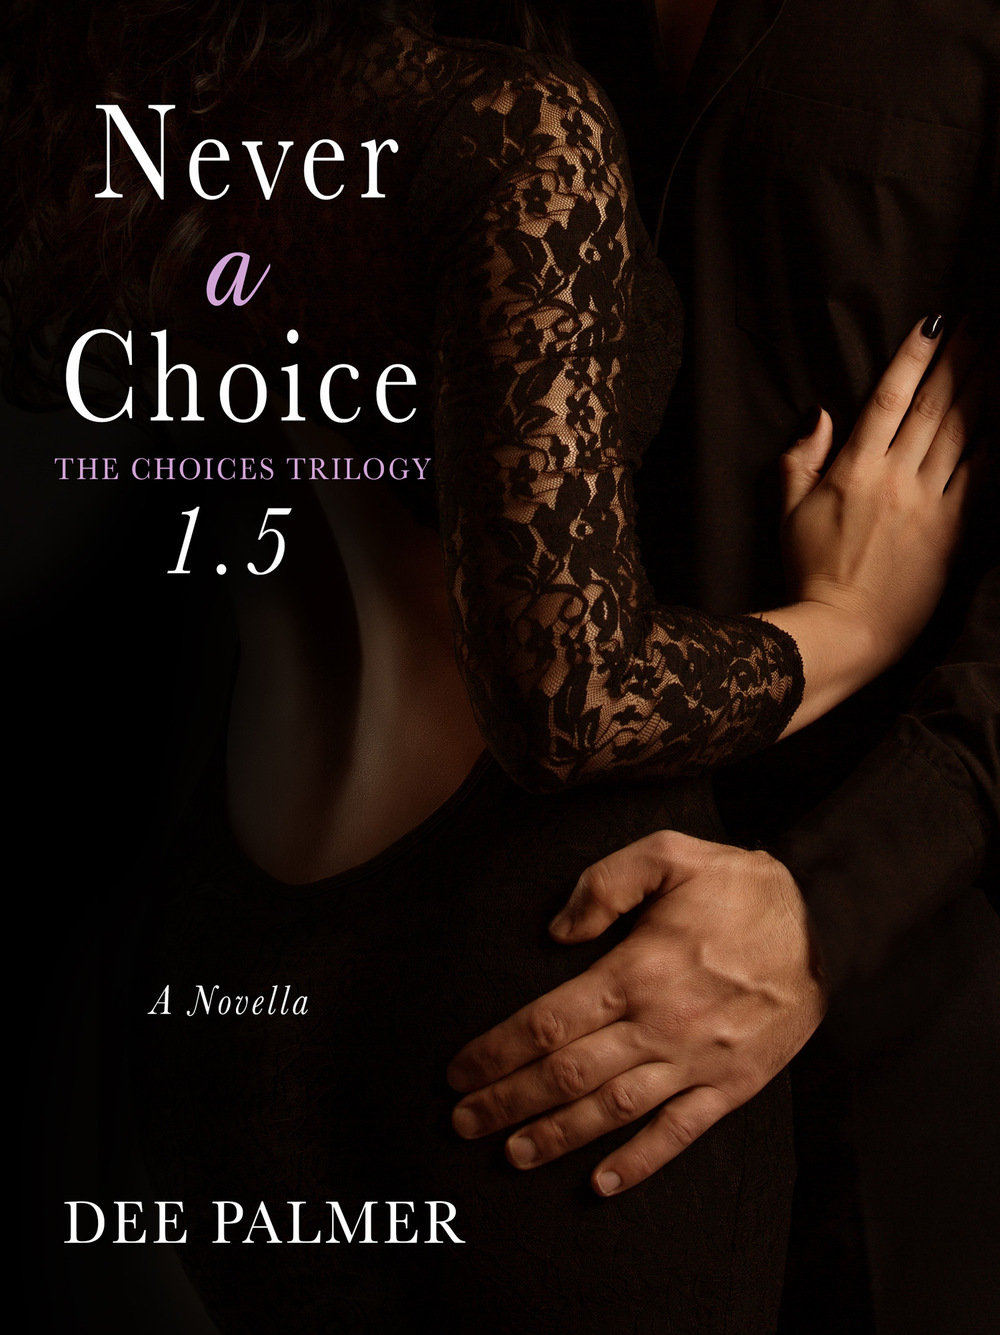 Never-a-Choice-1.5-COVER.jpg